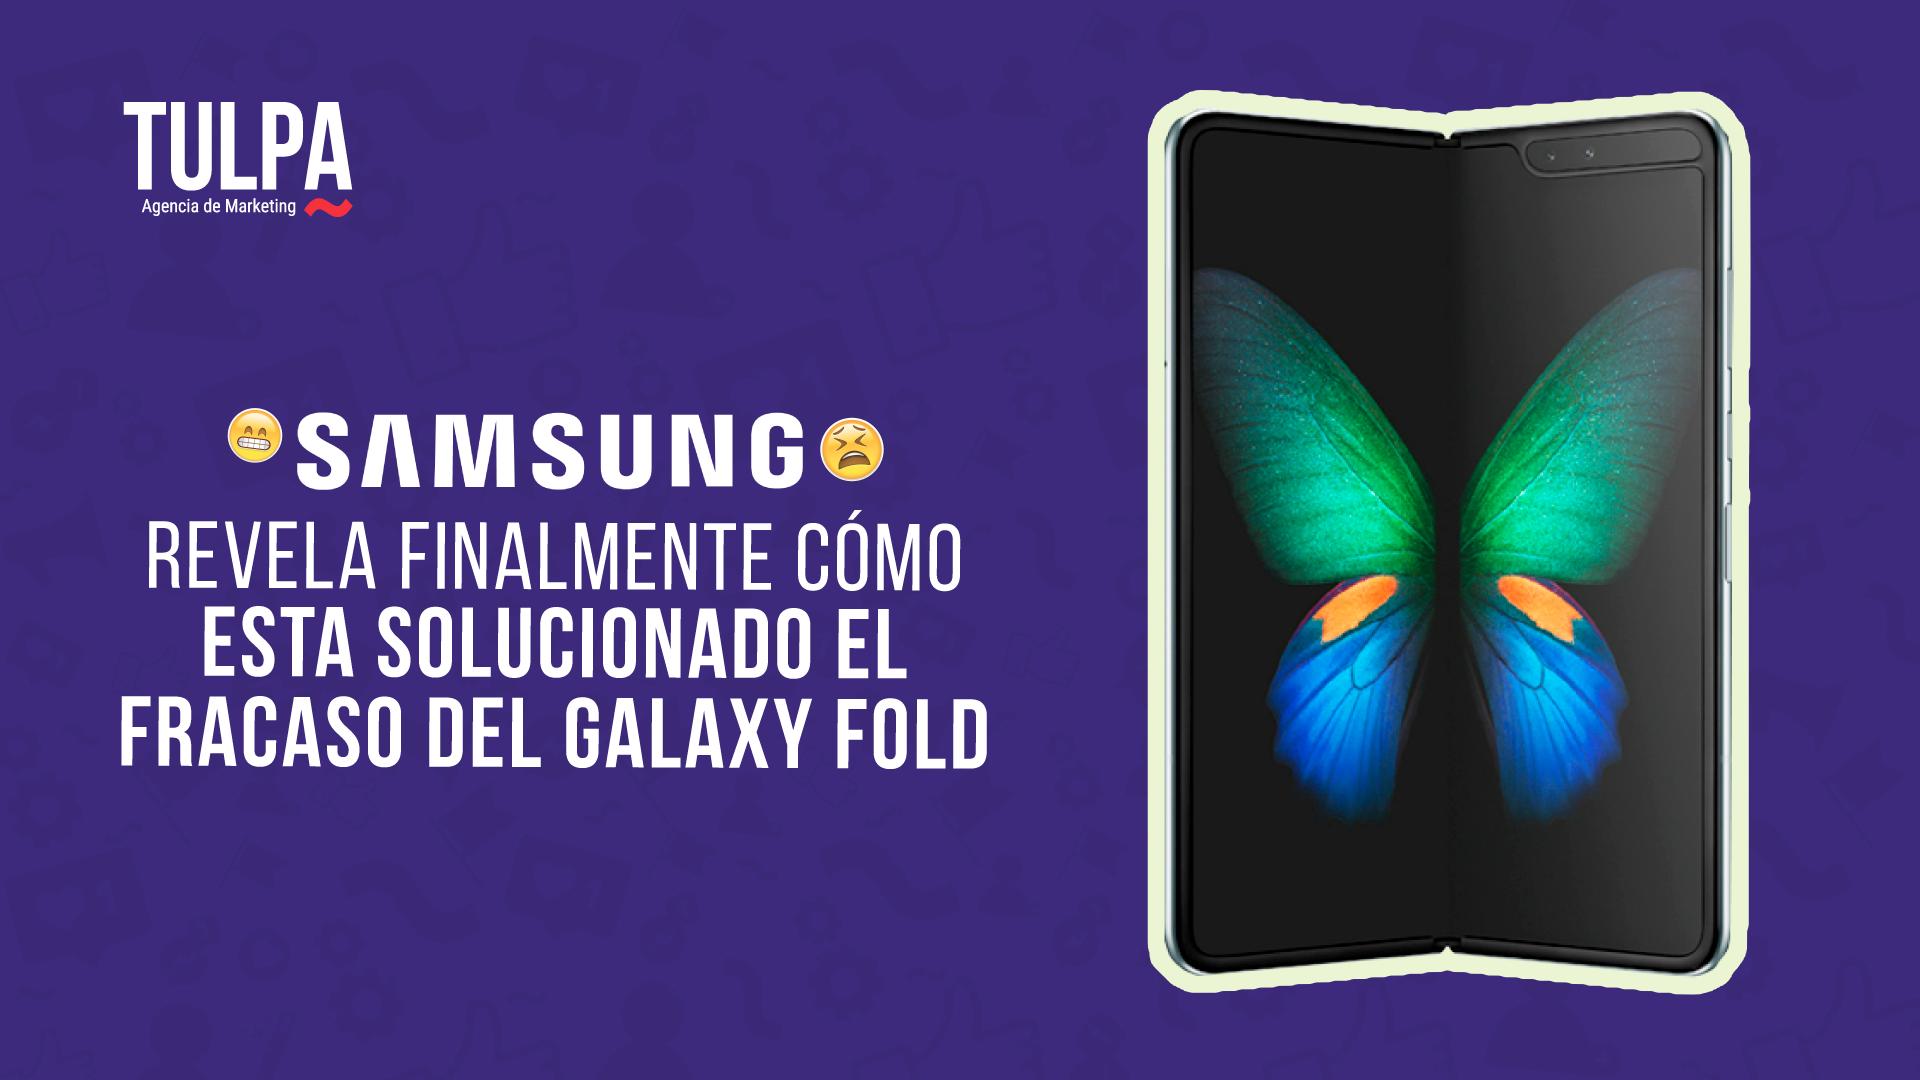 El CEO de Samsung finalmente revela como están solucionando el fracaso del Galaxy Fold